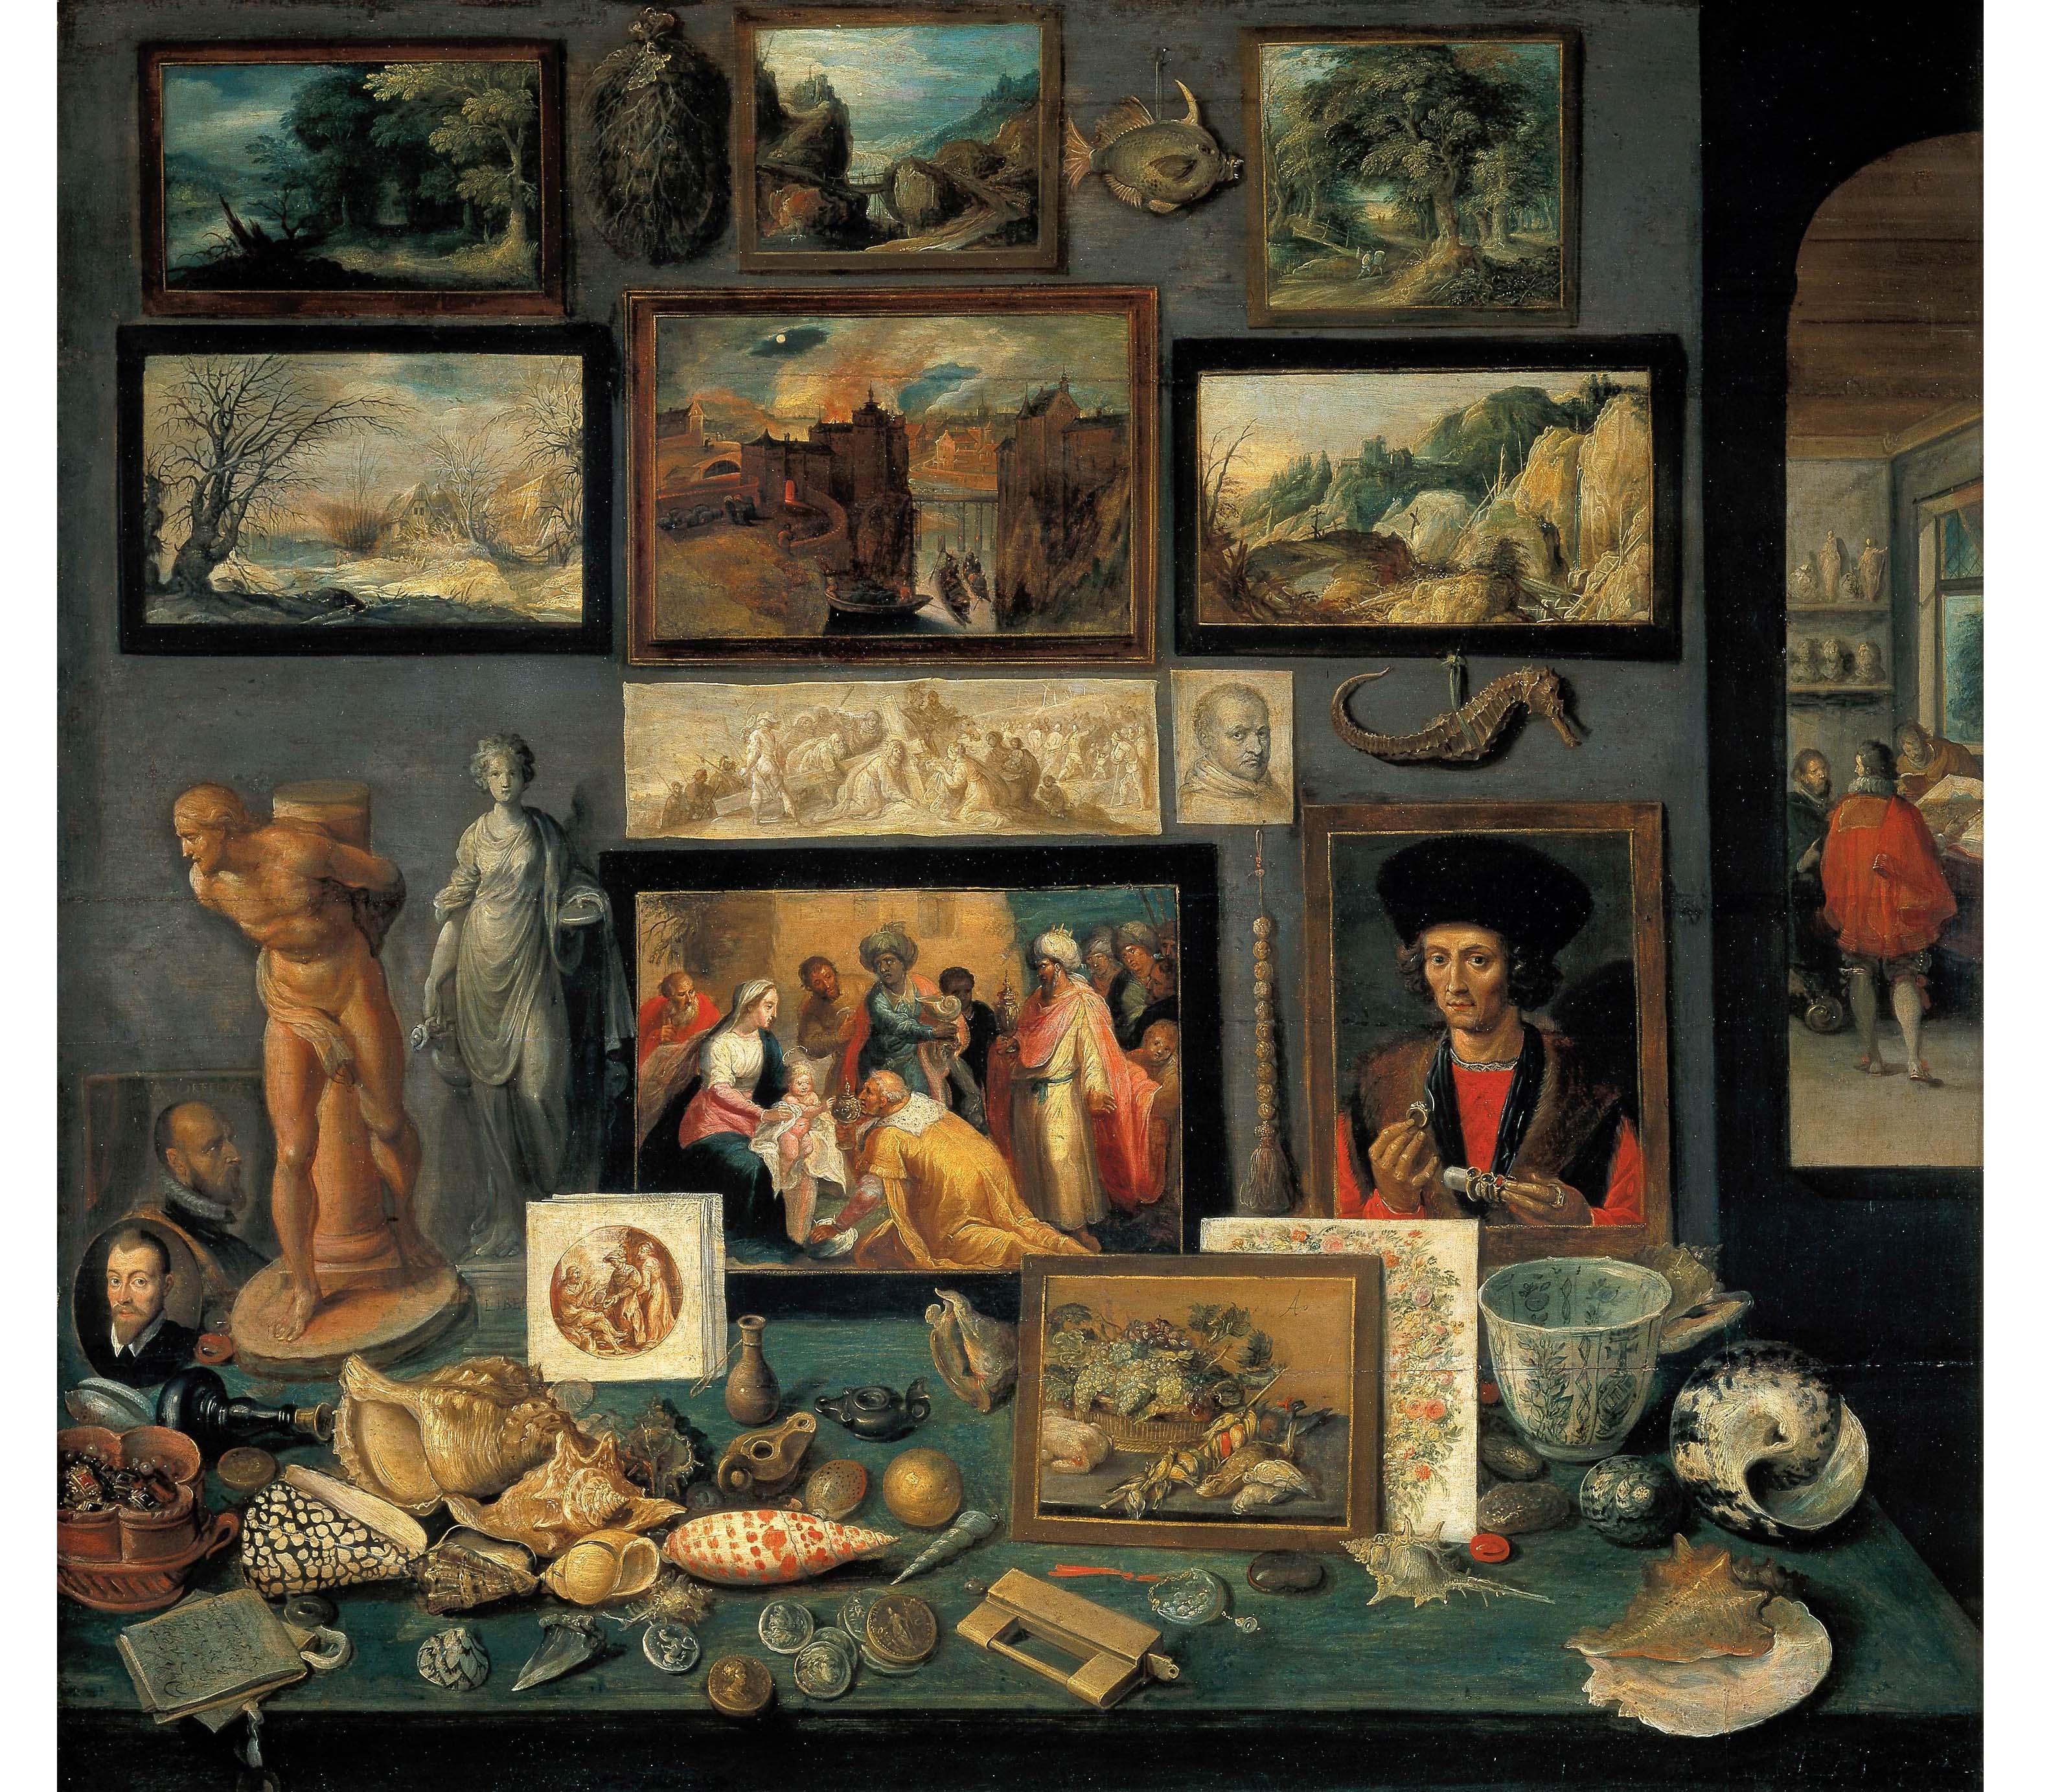 Frans Francken II (Anversa 1581 - 1642) Kunst und Raritätenkammer, 1636 (Ambras Castle)